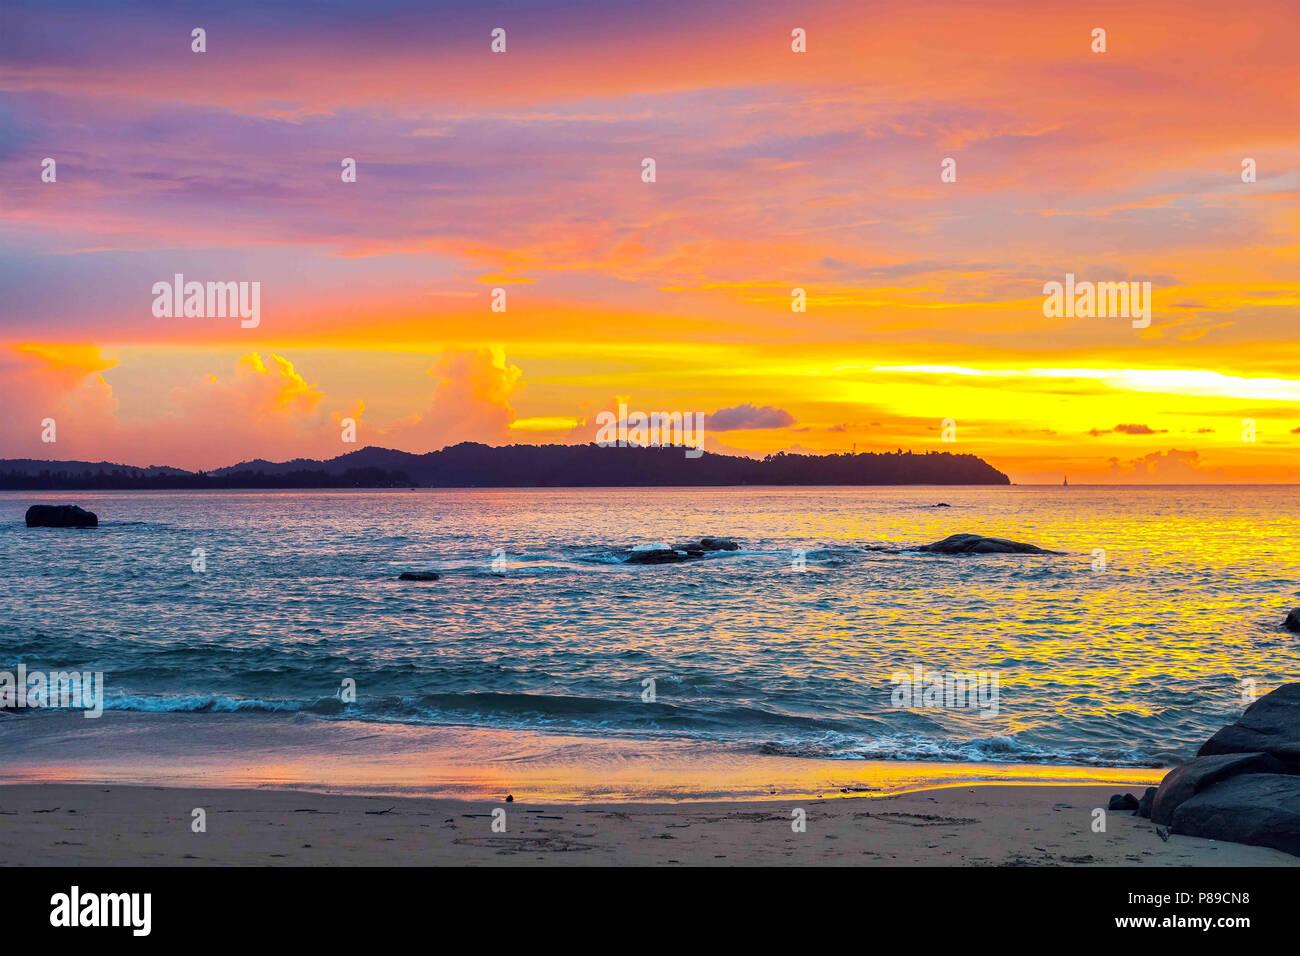 Colorful coucher de soleil sur la mer en Thaïlande. Photo Stock